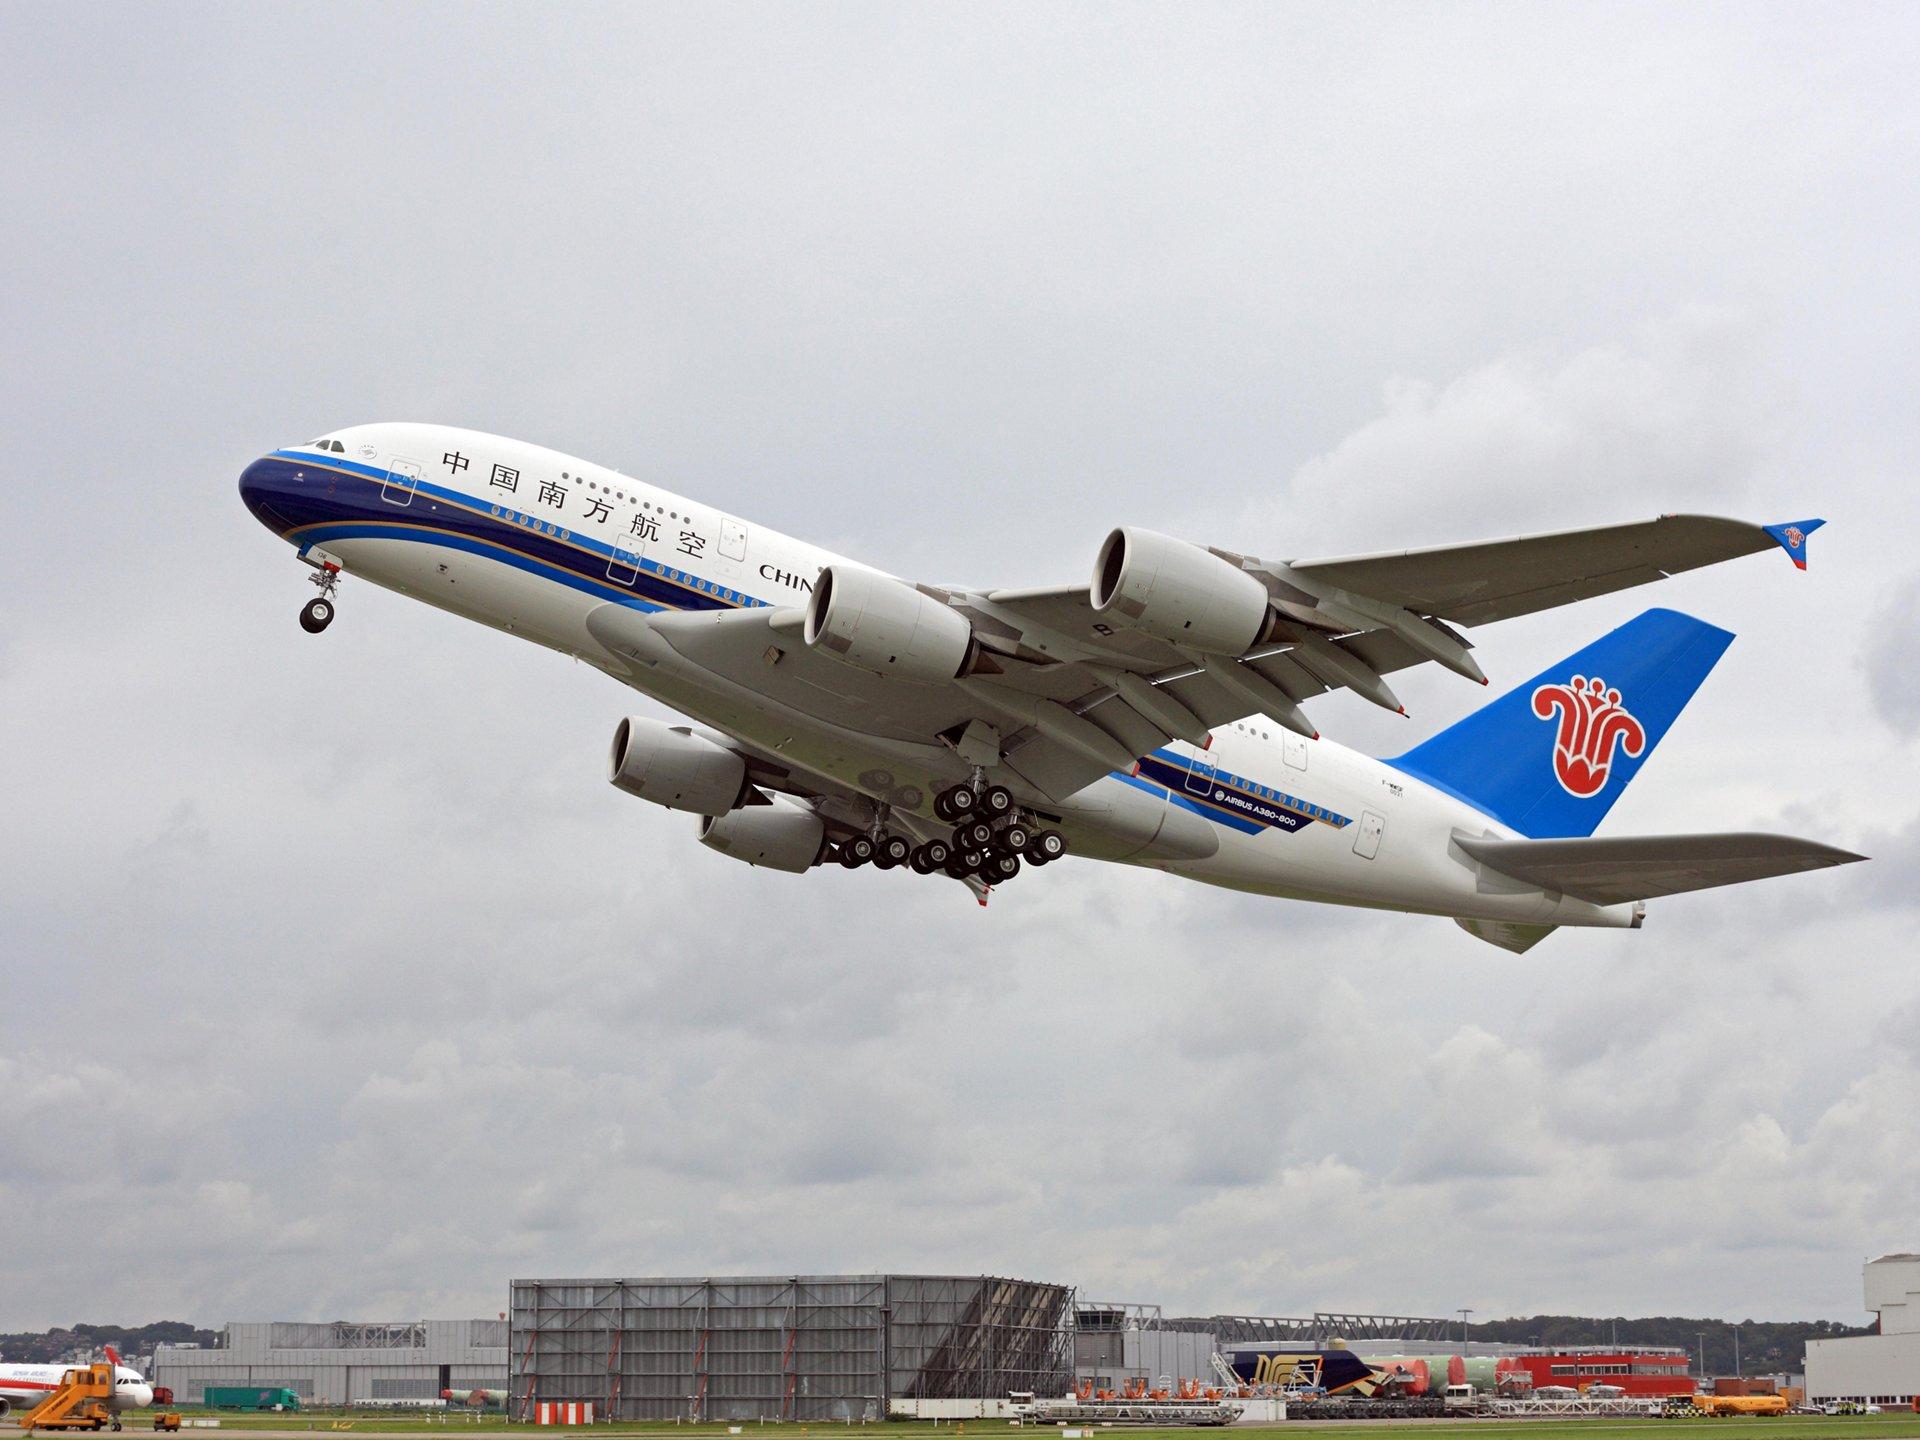 A380 CSN